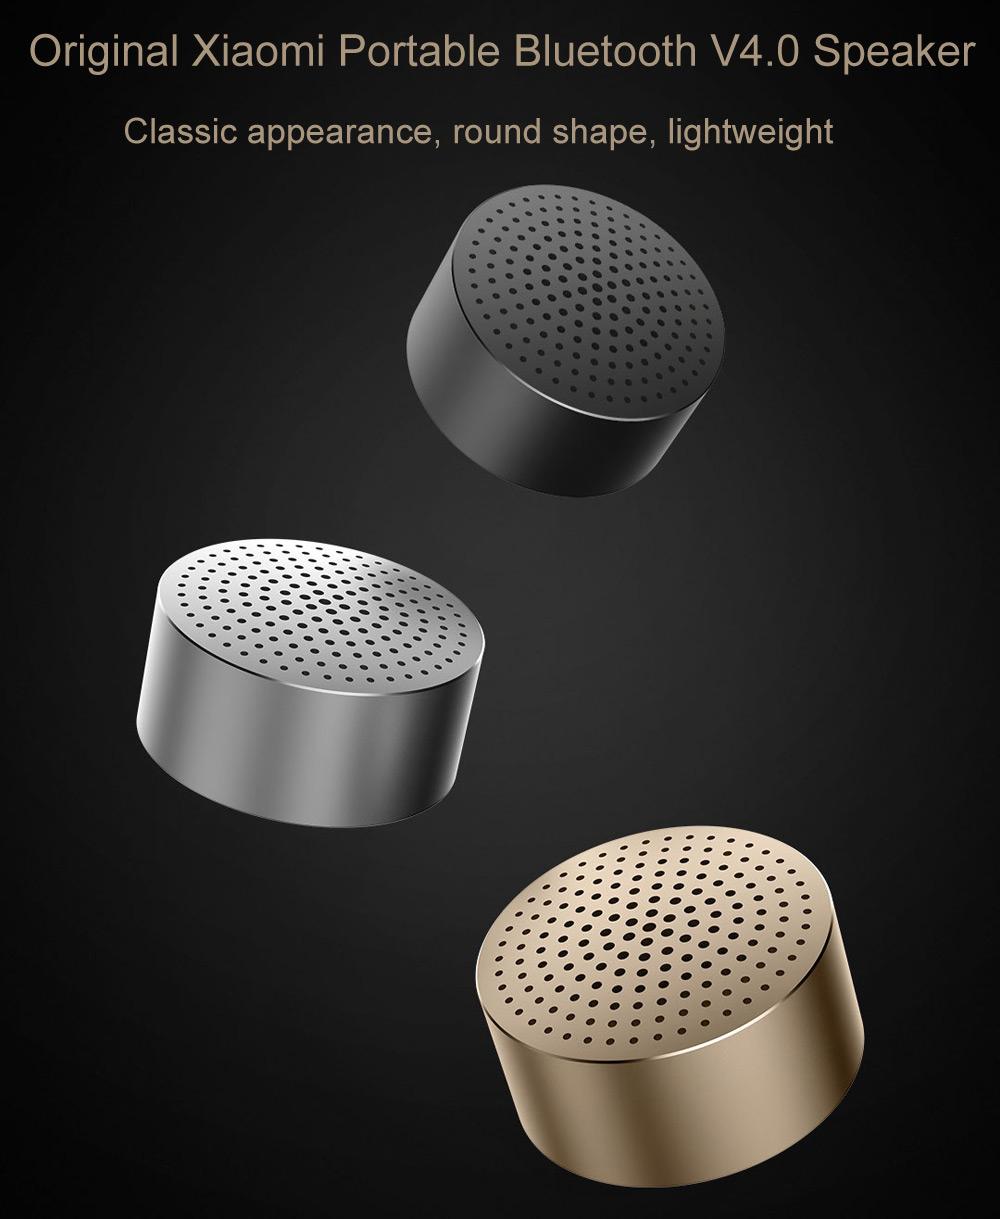 Przenośny głośnik od Xiaomi @ Gearbest